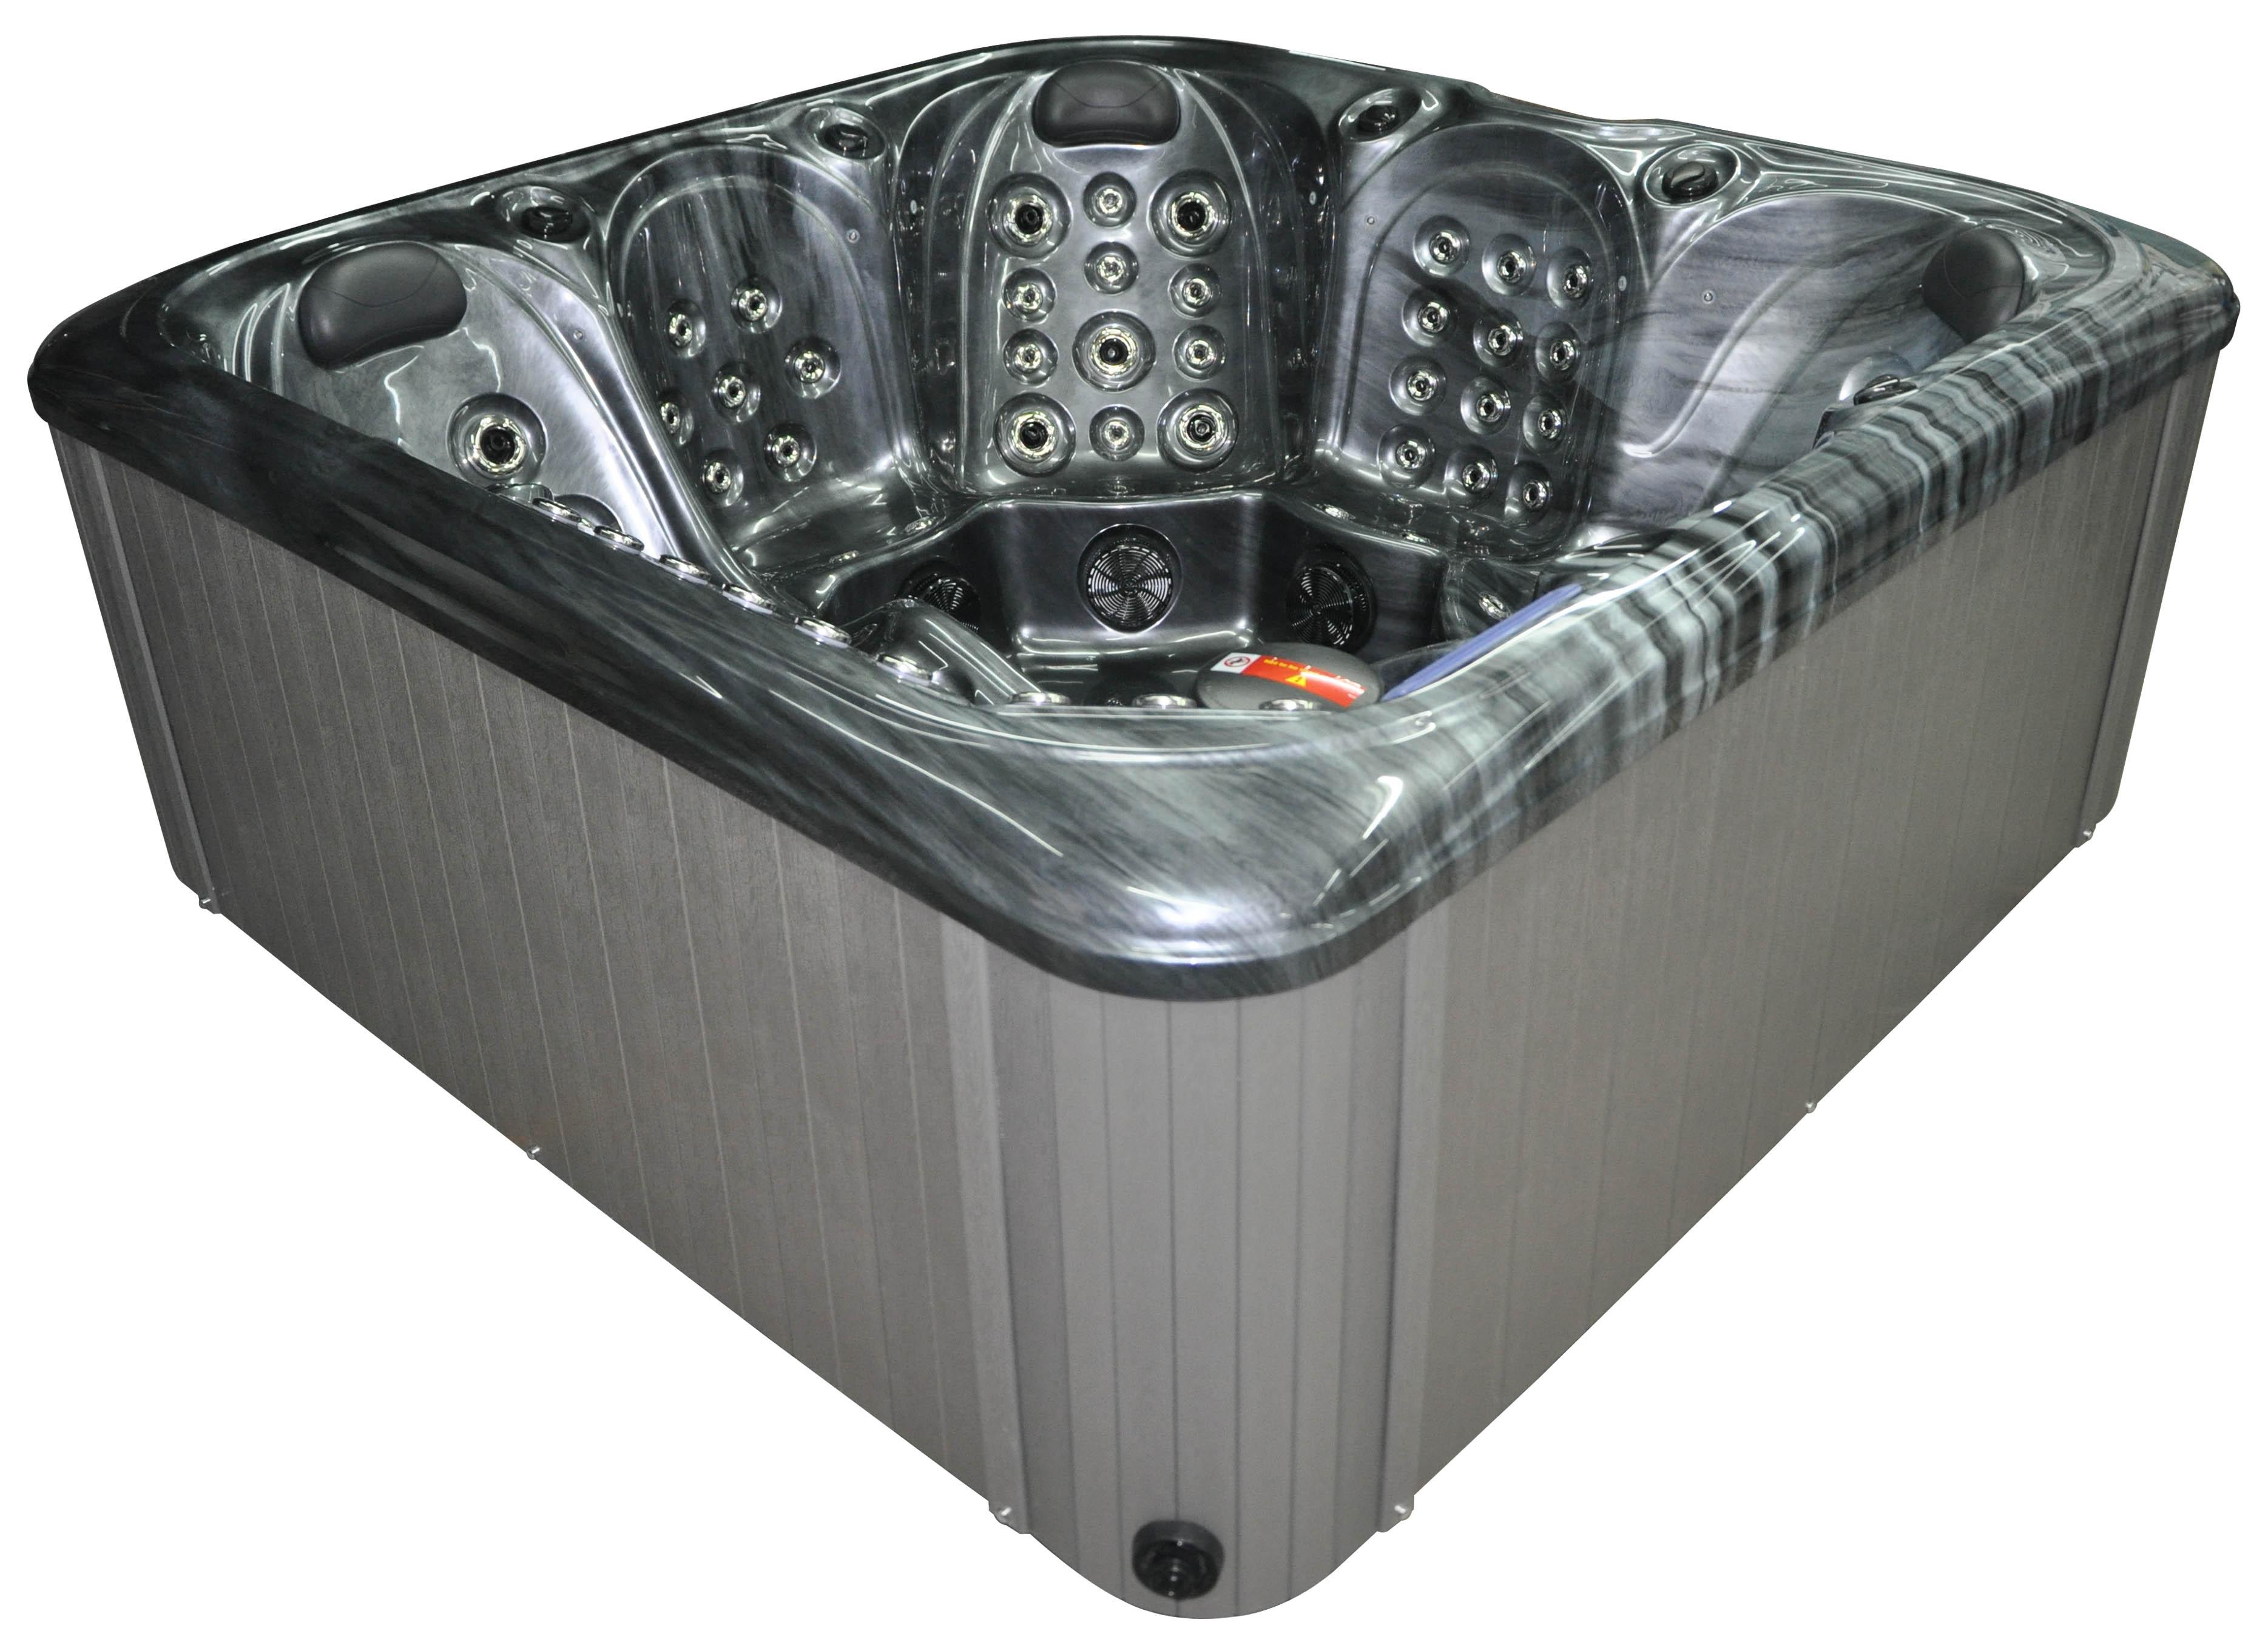 Santa Rosa Hot Tub